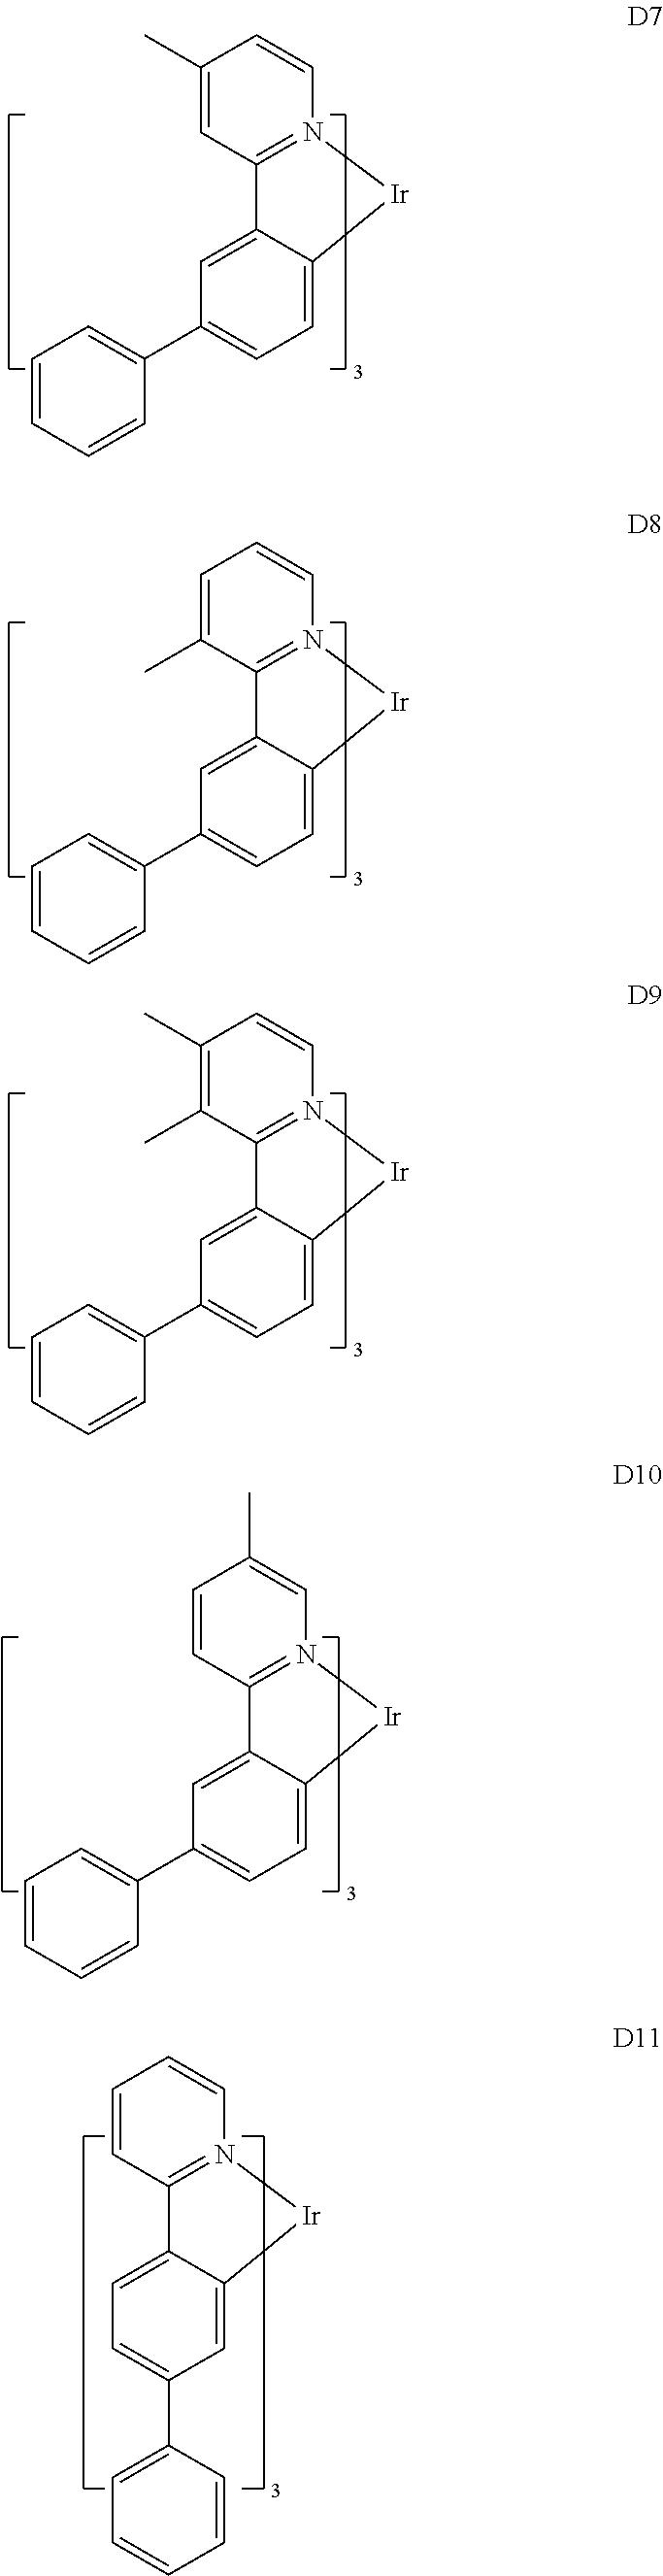 Figure US09040962-20150526-C00058